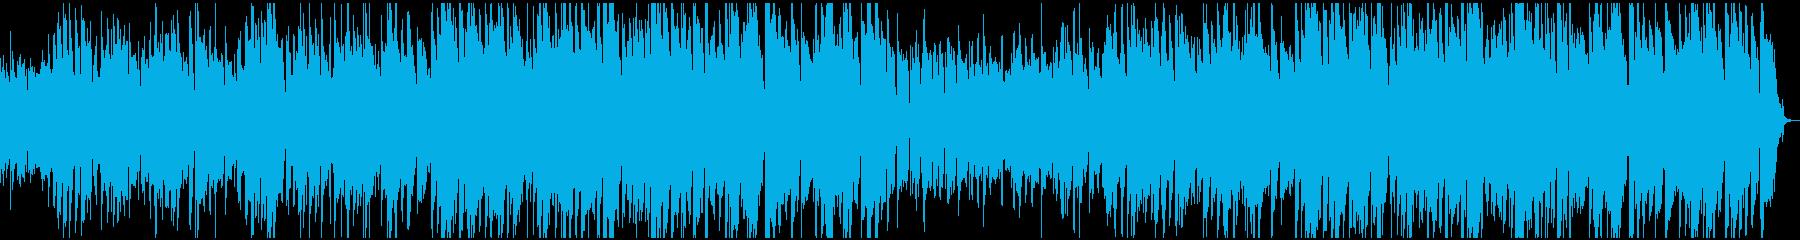 カントリースタイルの音楽トラックは...の再生済みの波形